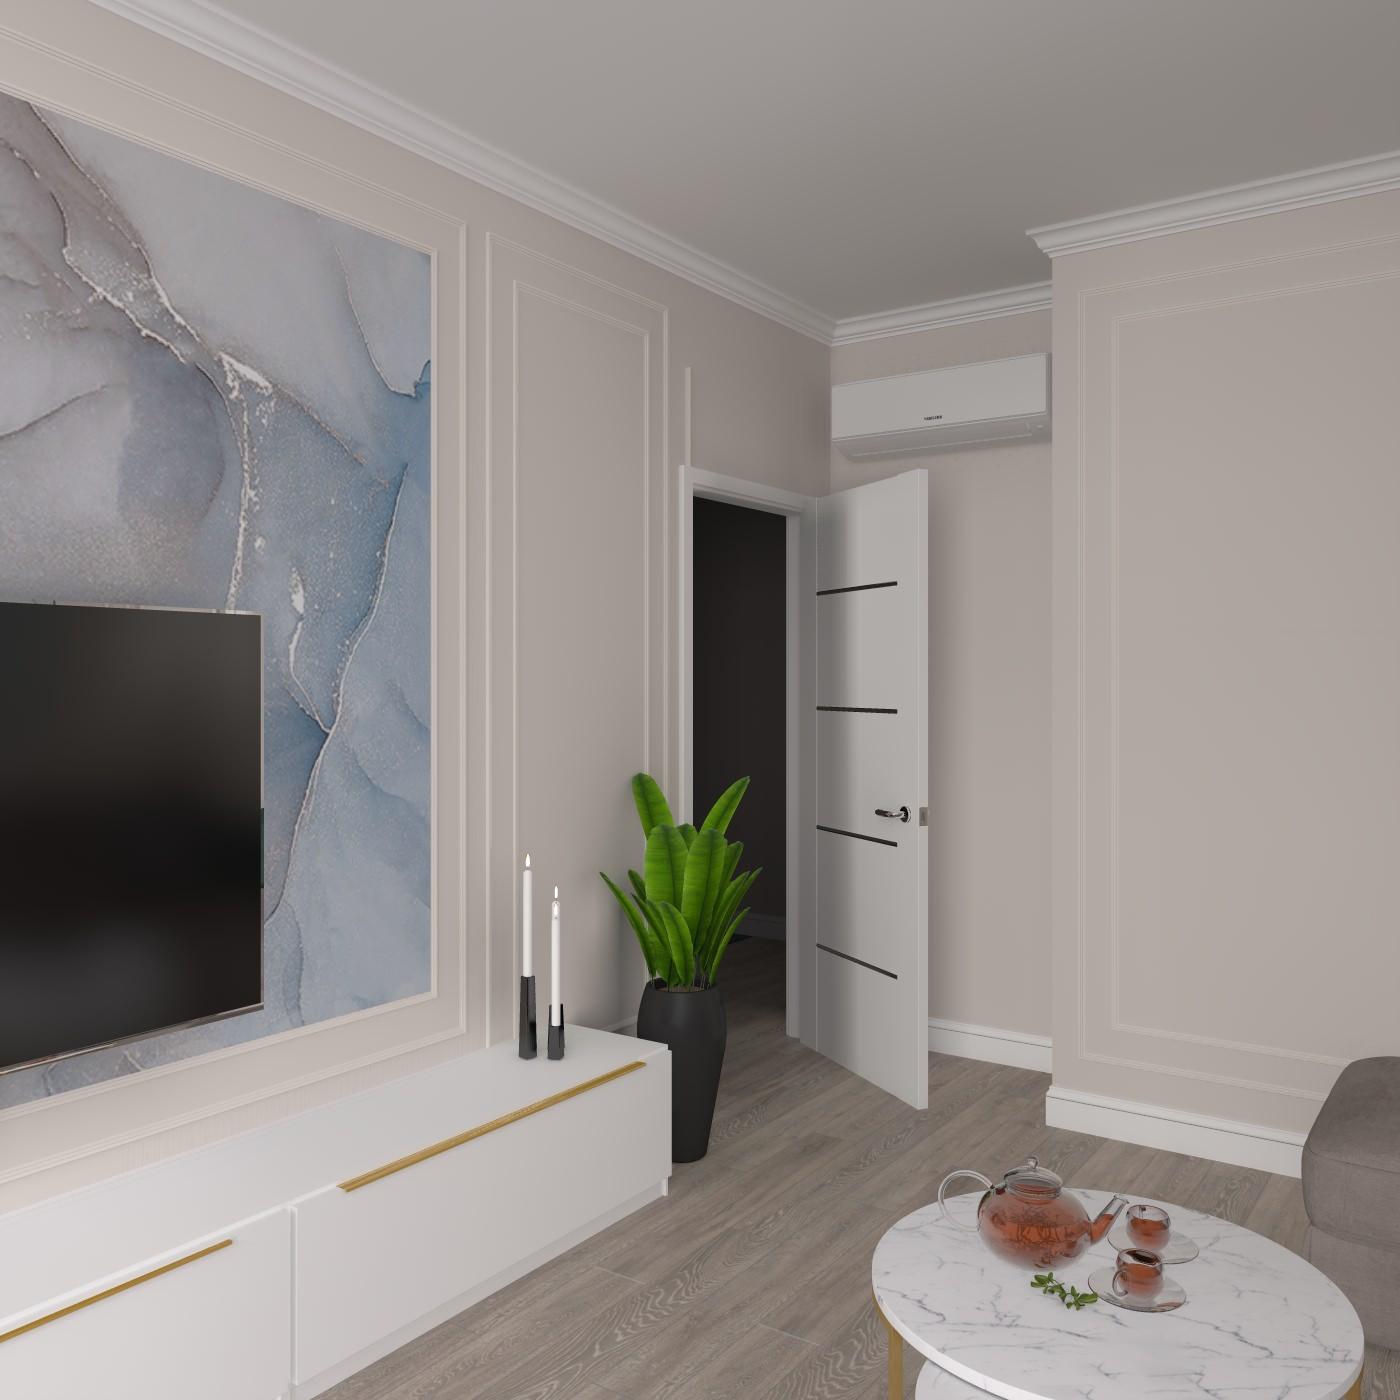 Проект квартиры ЖК «Парк легенд»